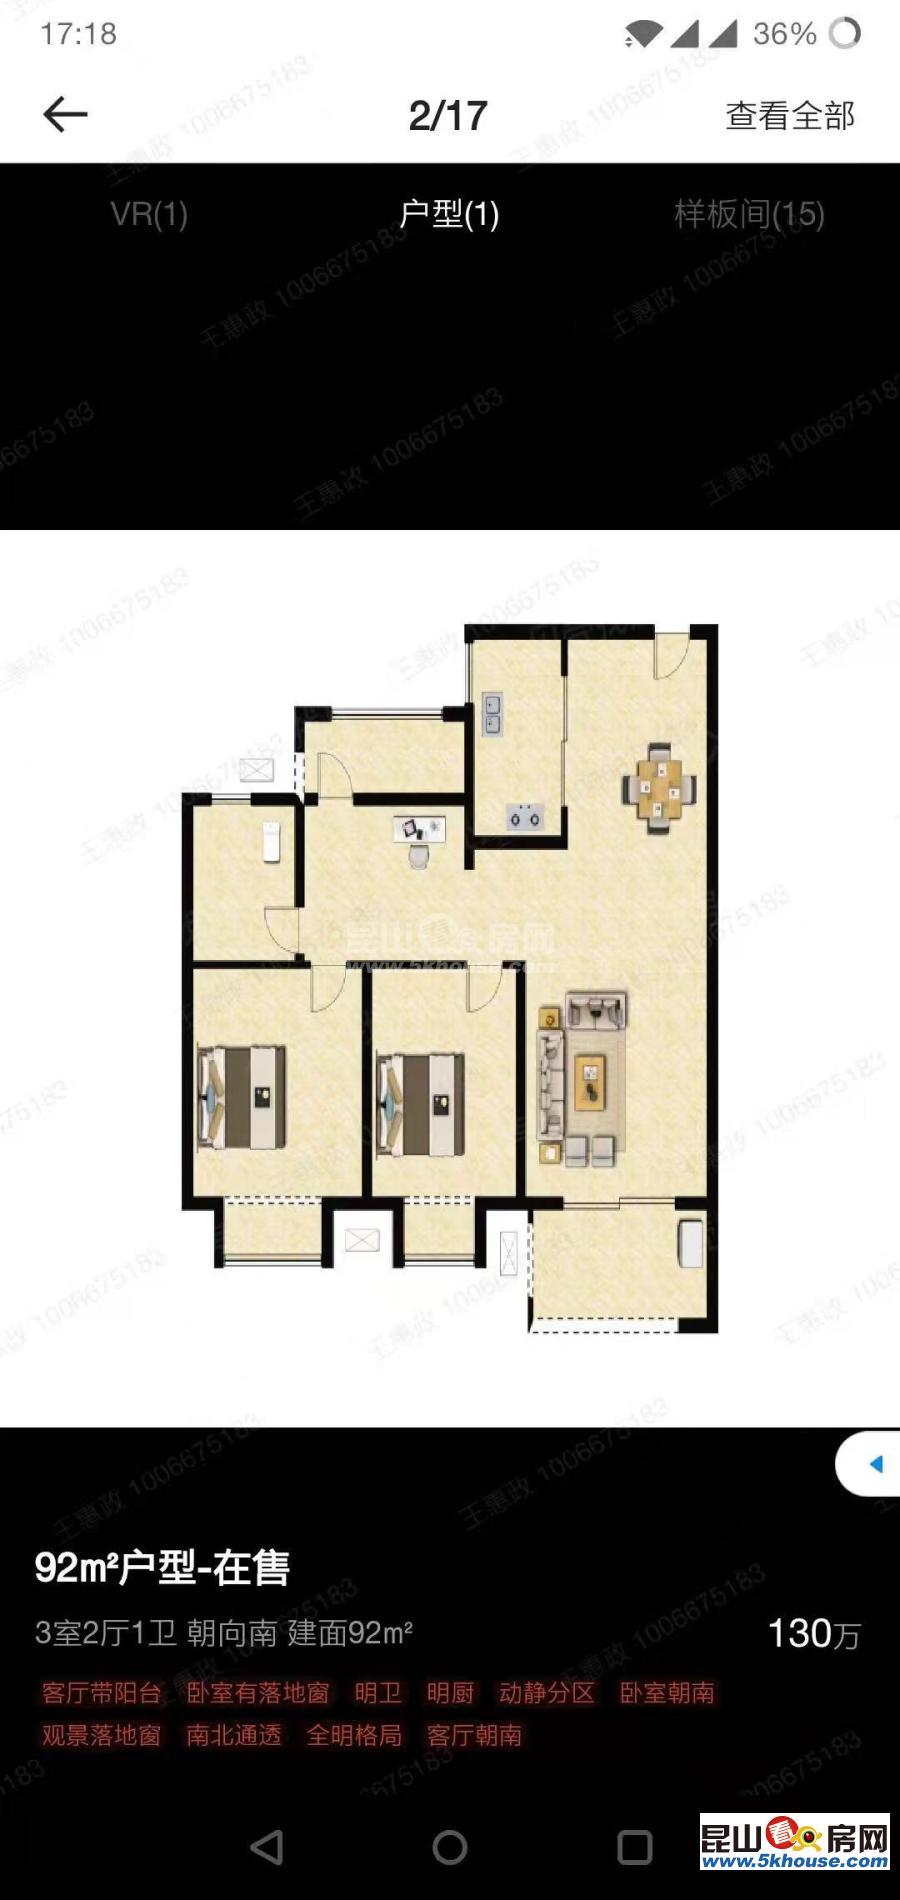 超大社区罕见户型,兰亭都荟 130万 3室2厅1卫 毛坯